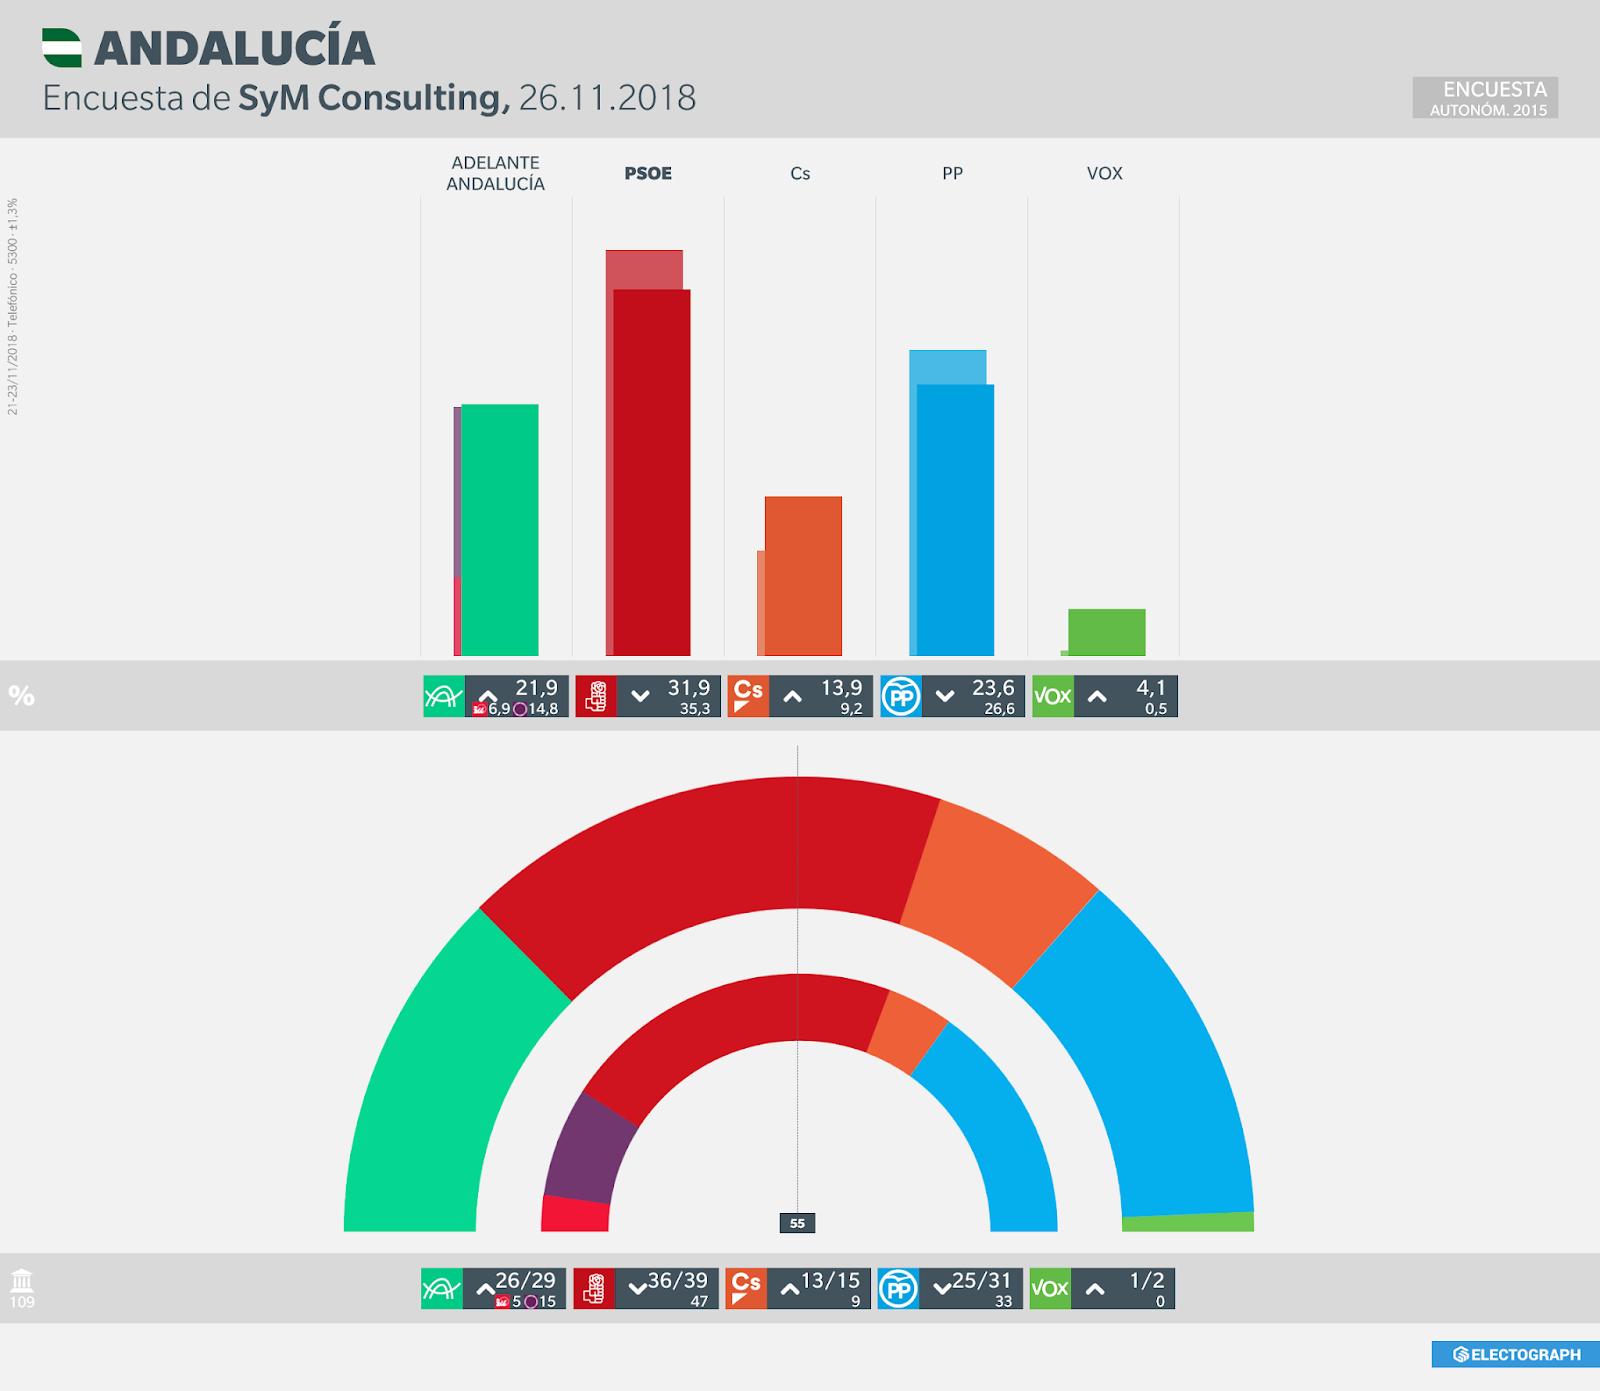 Gráfico de la encuesta para elecciones autonómicas en Andalucía realizada por SyM Consulting en noviembre de 2018